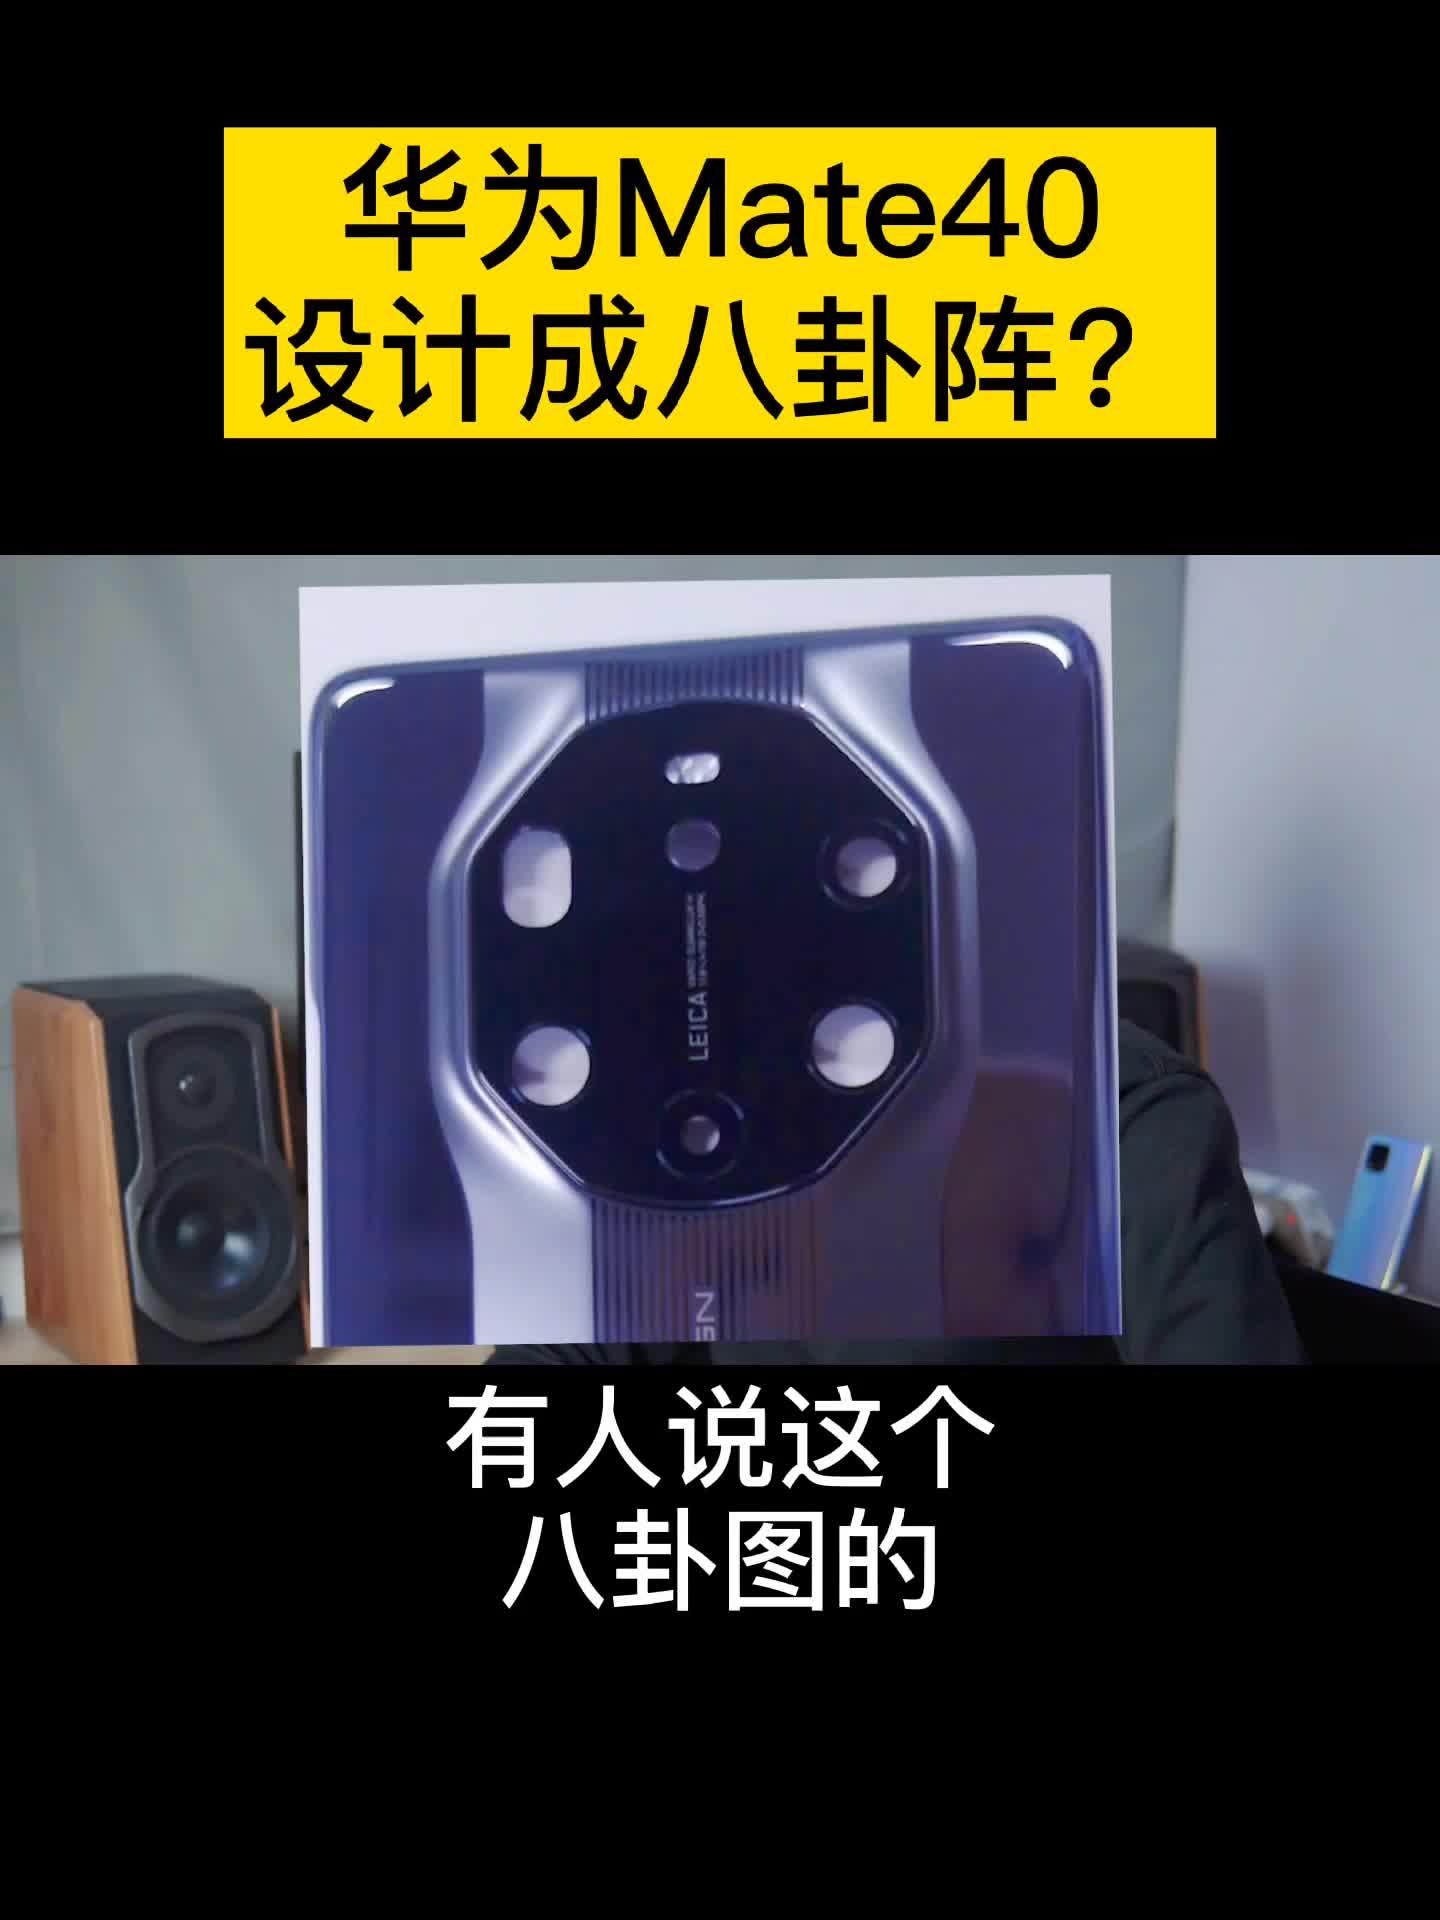 华为Mate40有八卦图和遥控器两种设计!